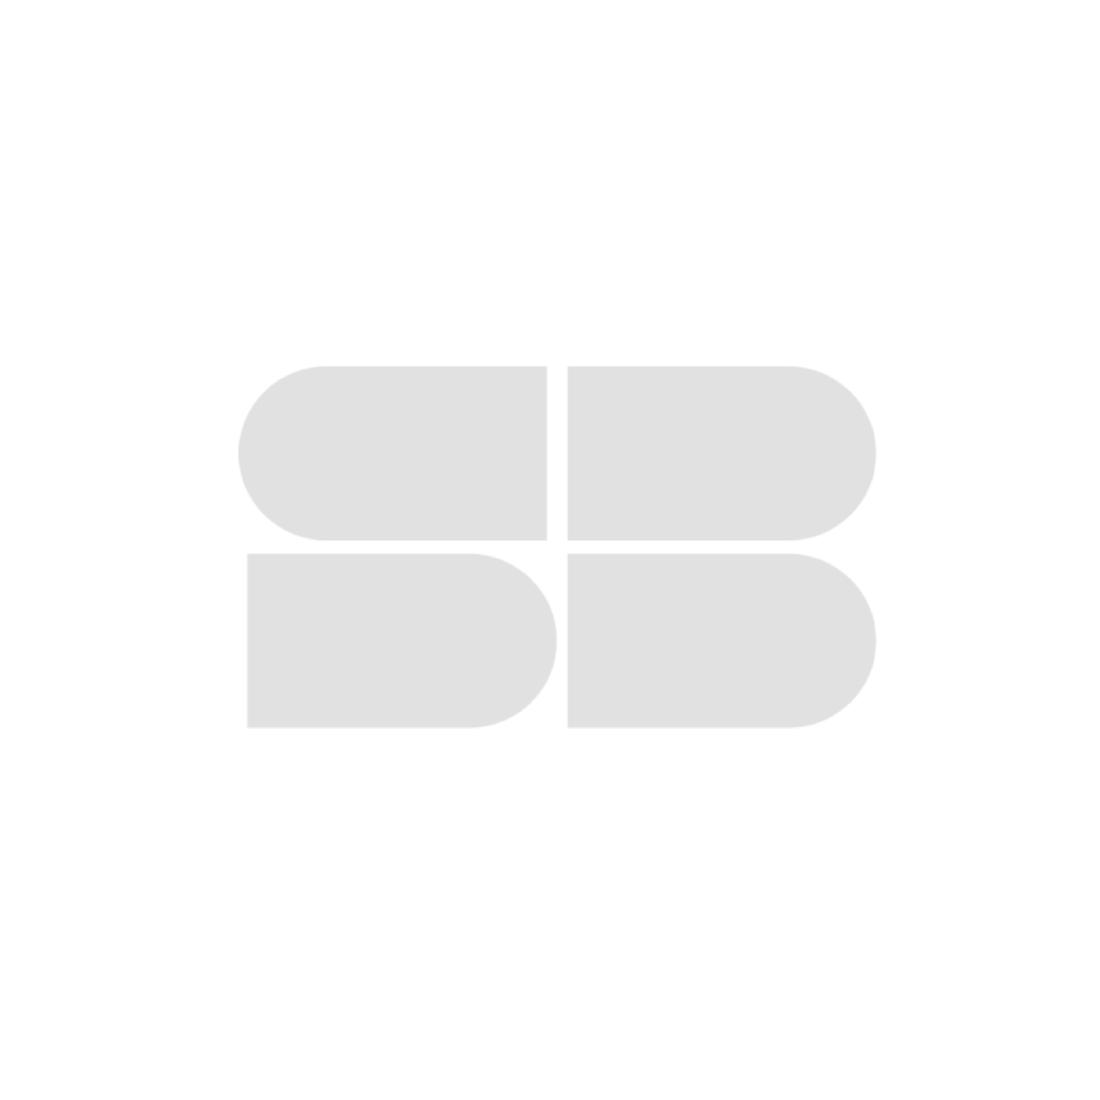 ที่นอน Slumberland รุ่น Nature Touch ขนาด 5 ฟุต-00